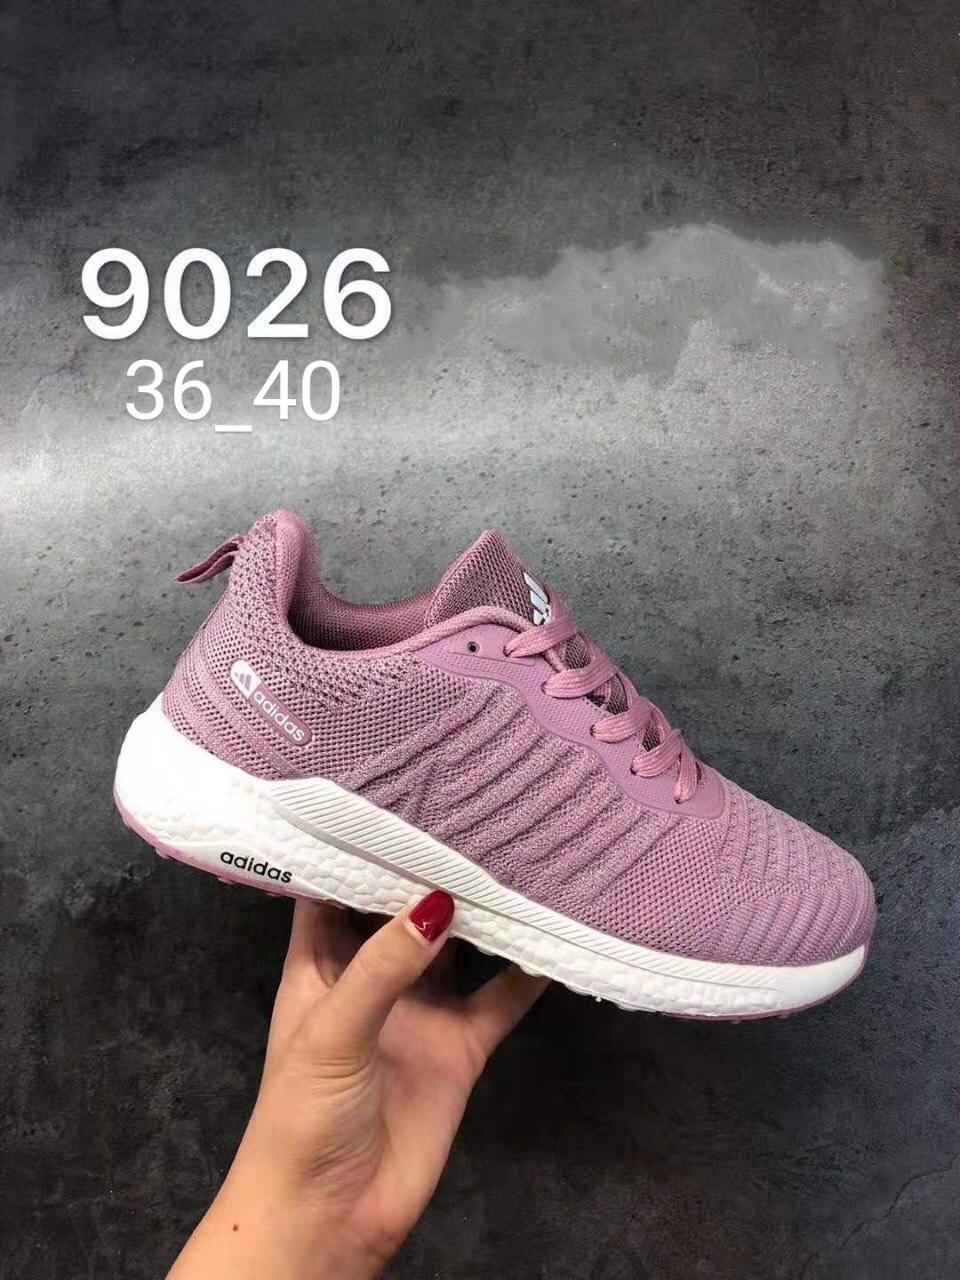 Giày Adidas Neo nữ V26 màu tím pastel